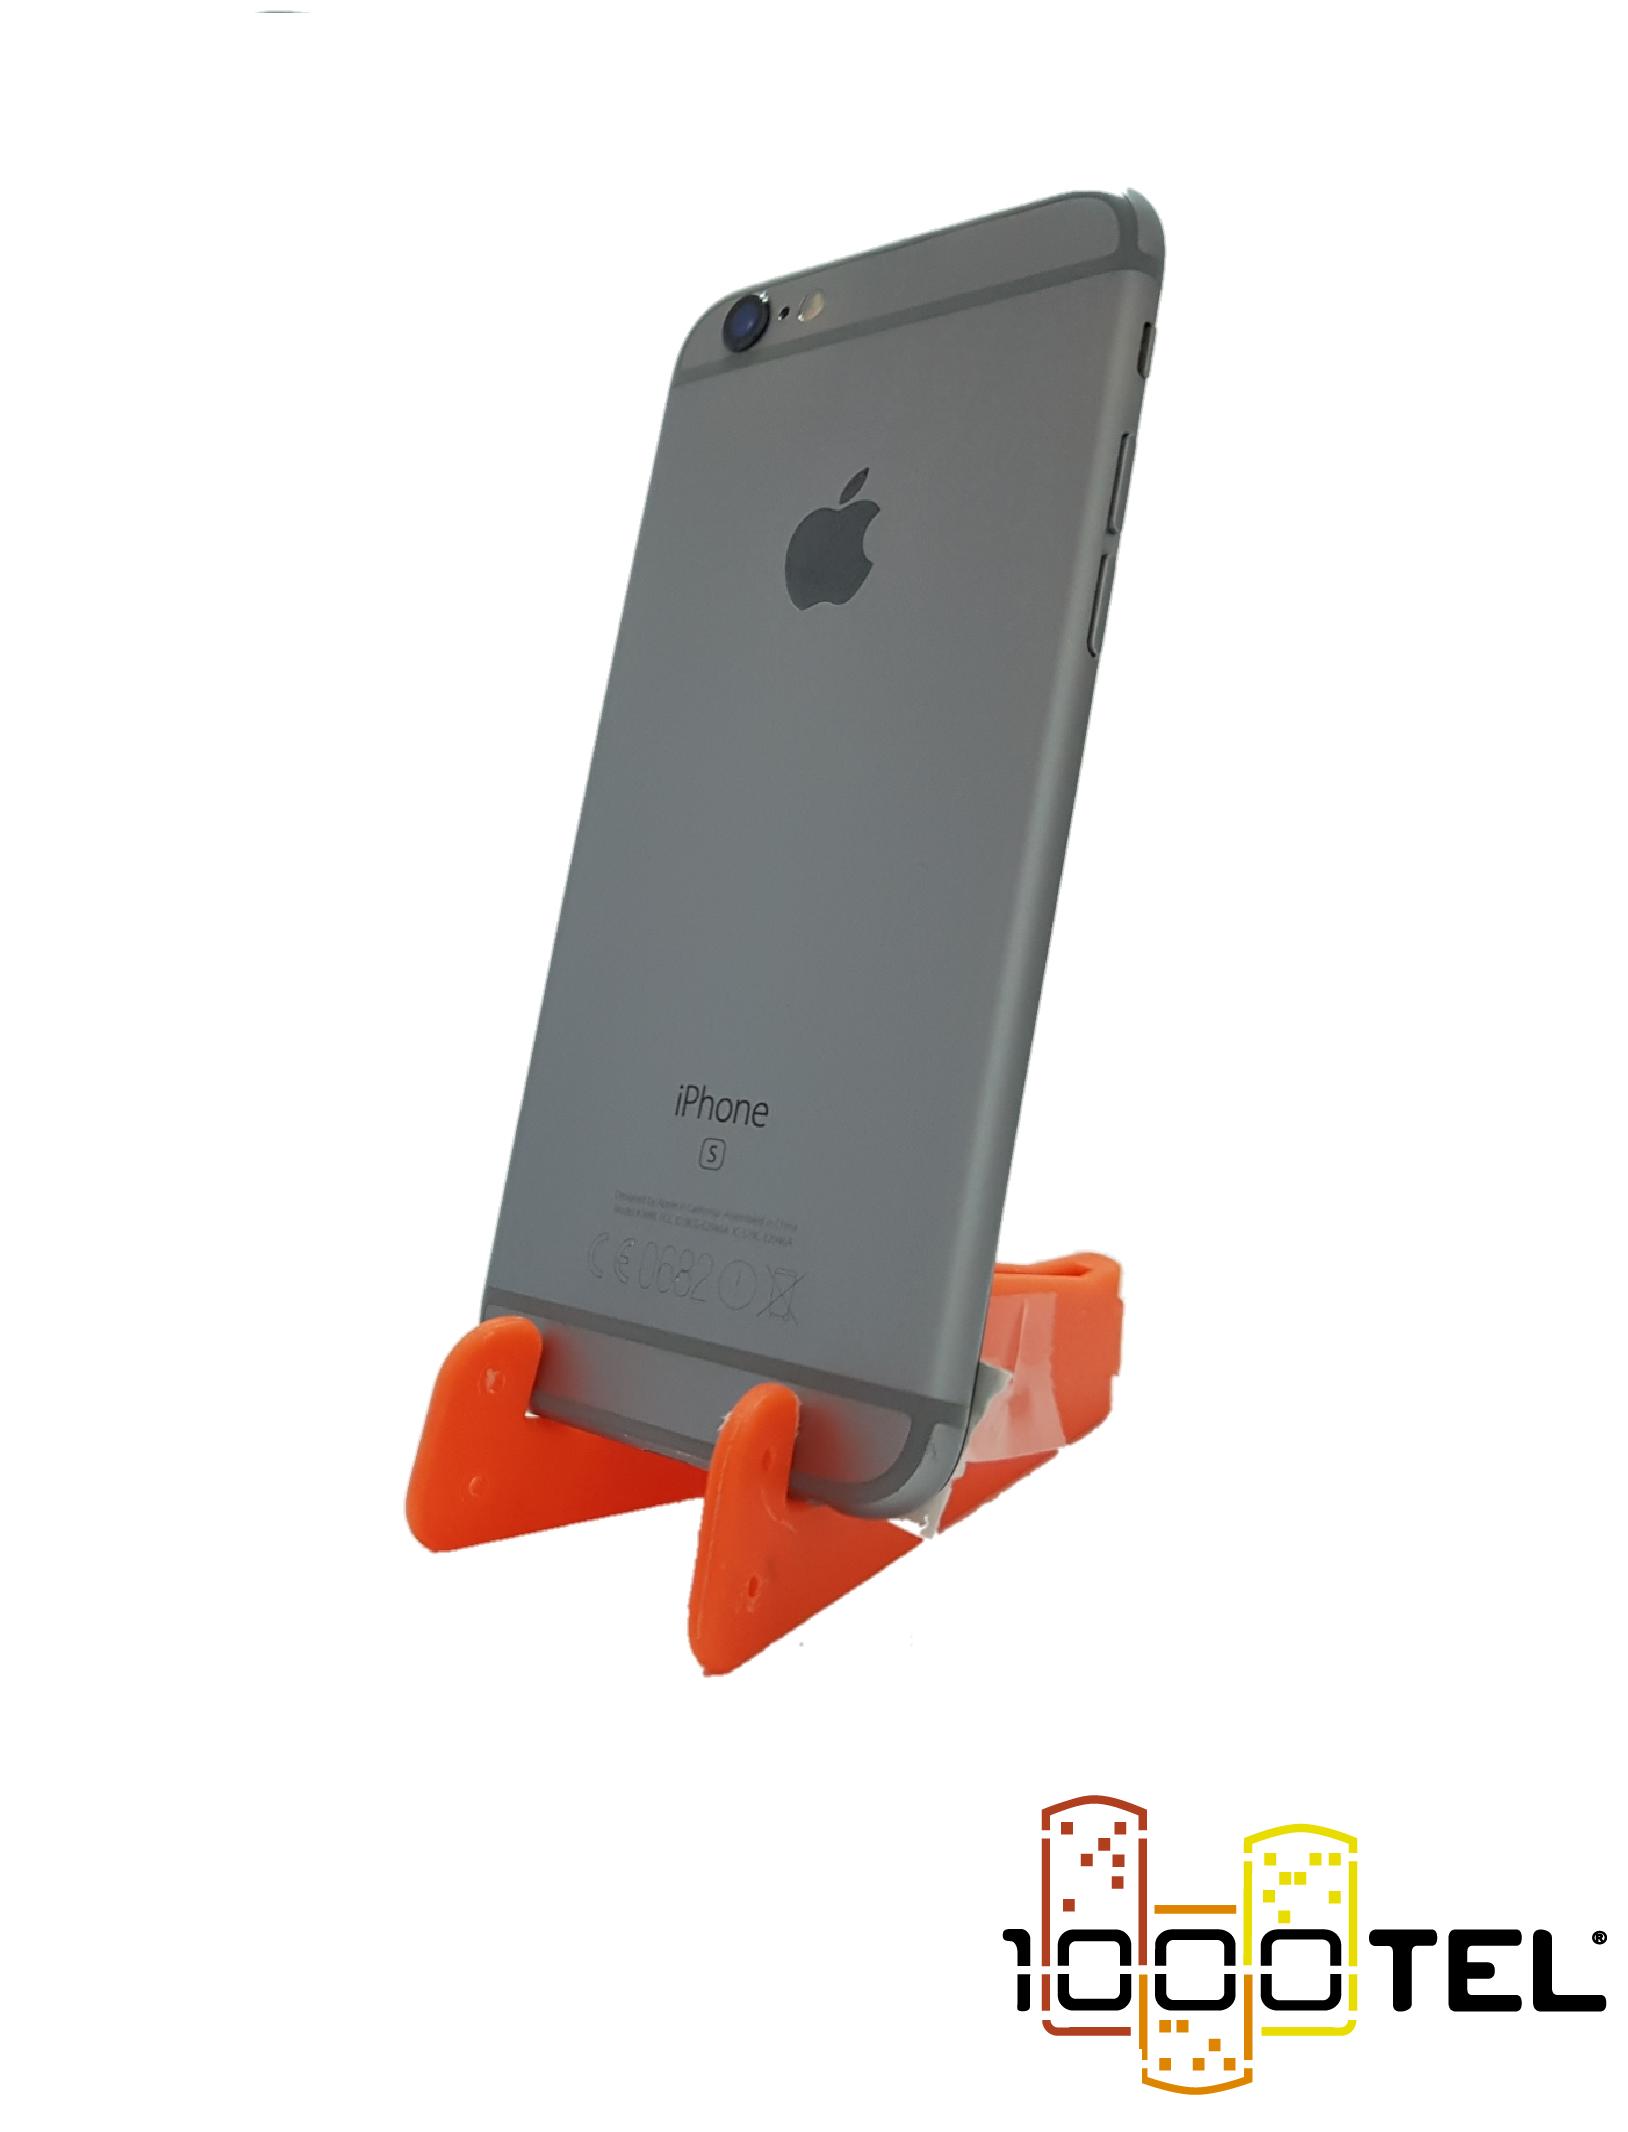 Iphone 6s 16GB #4